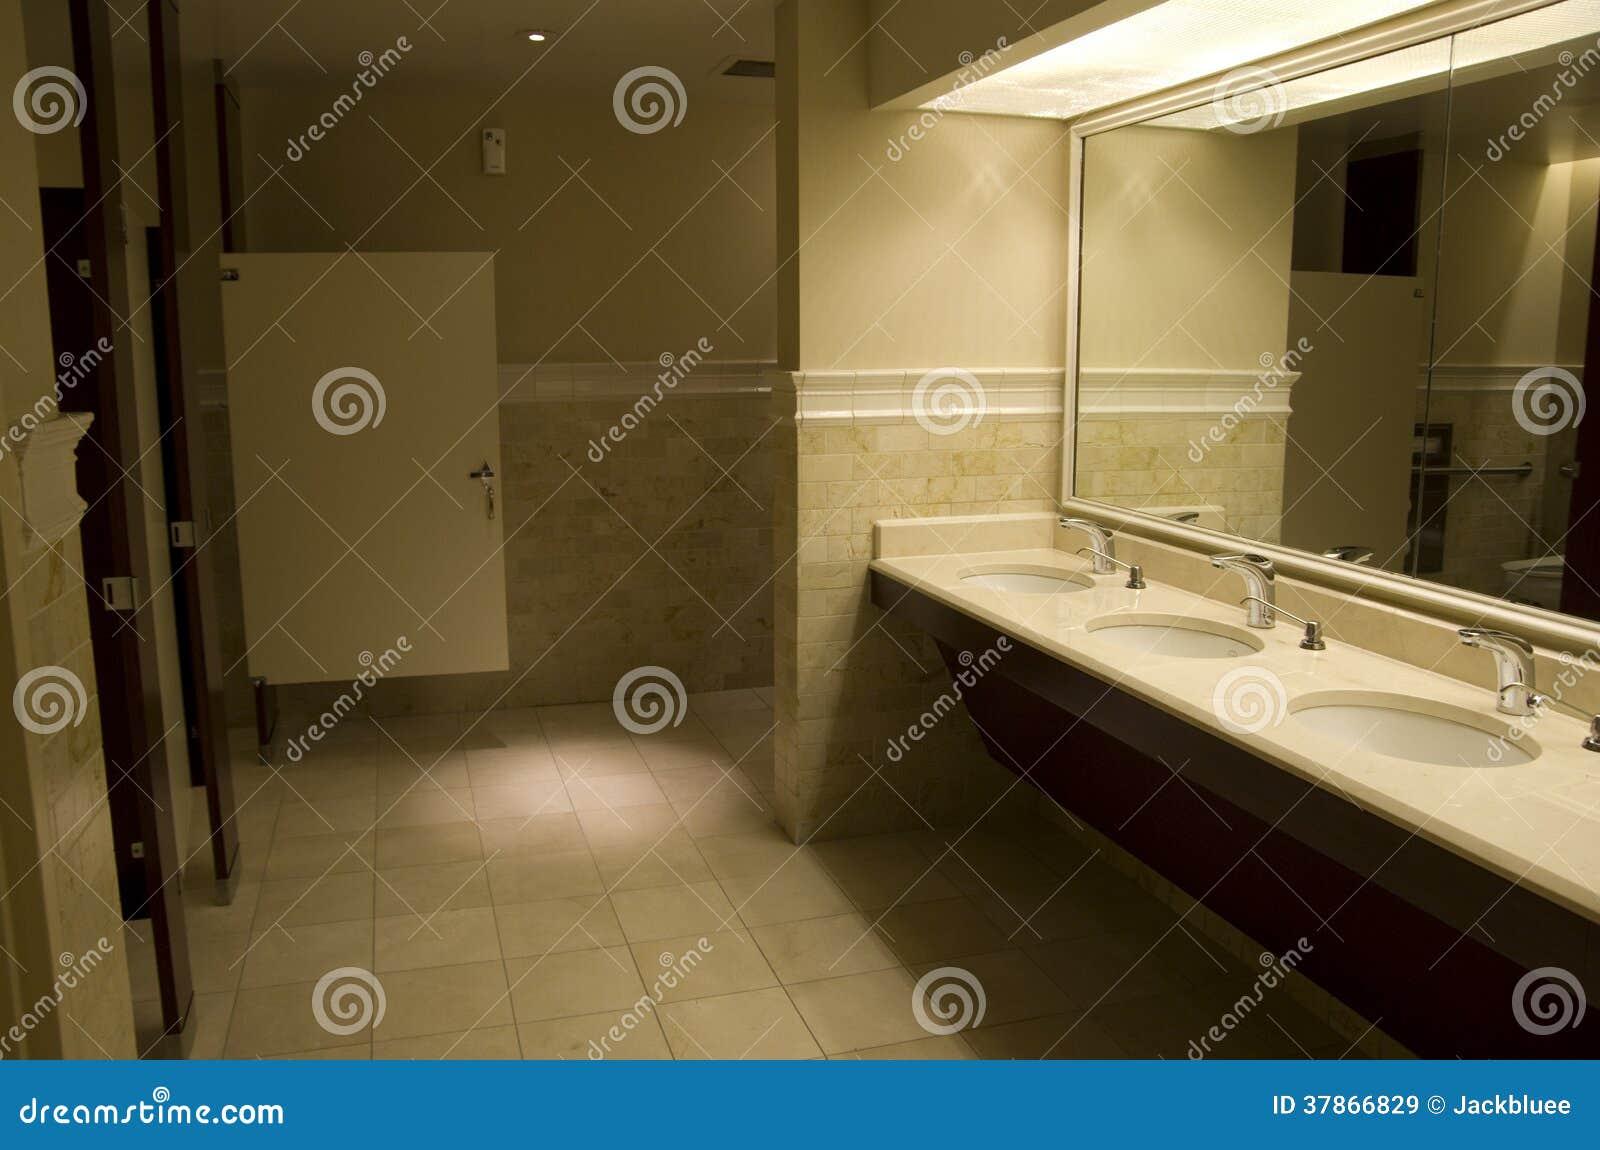 Iluminacion Para Un Baño:Interiores e iluminación de un cuarto de baño público